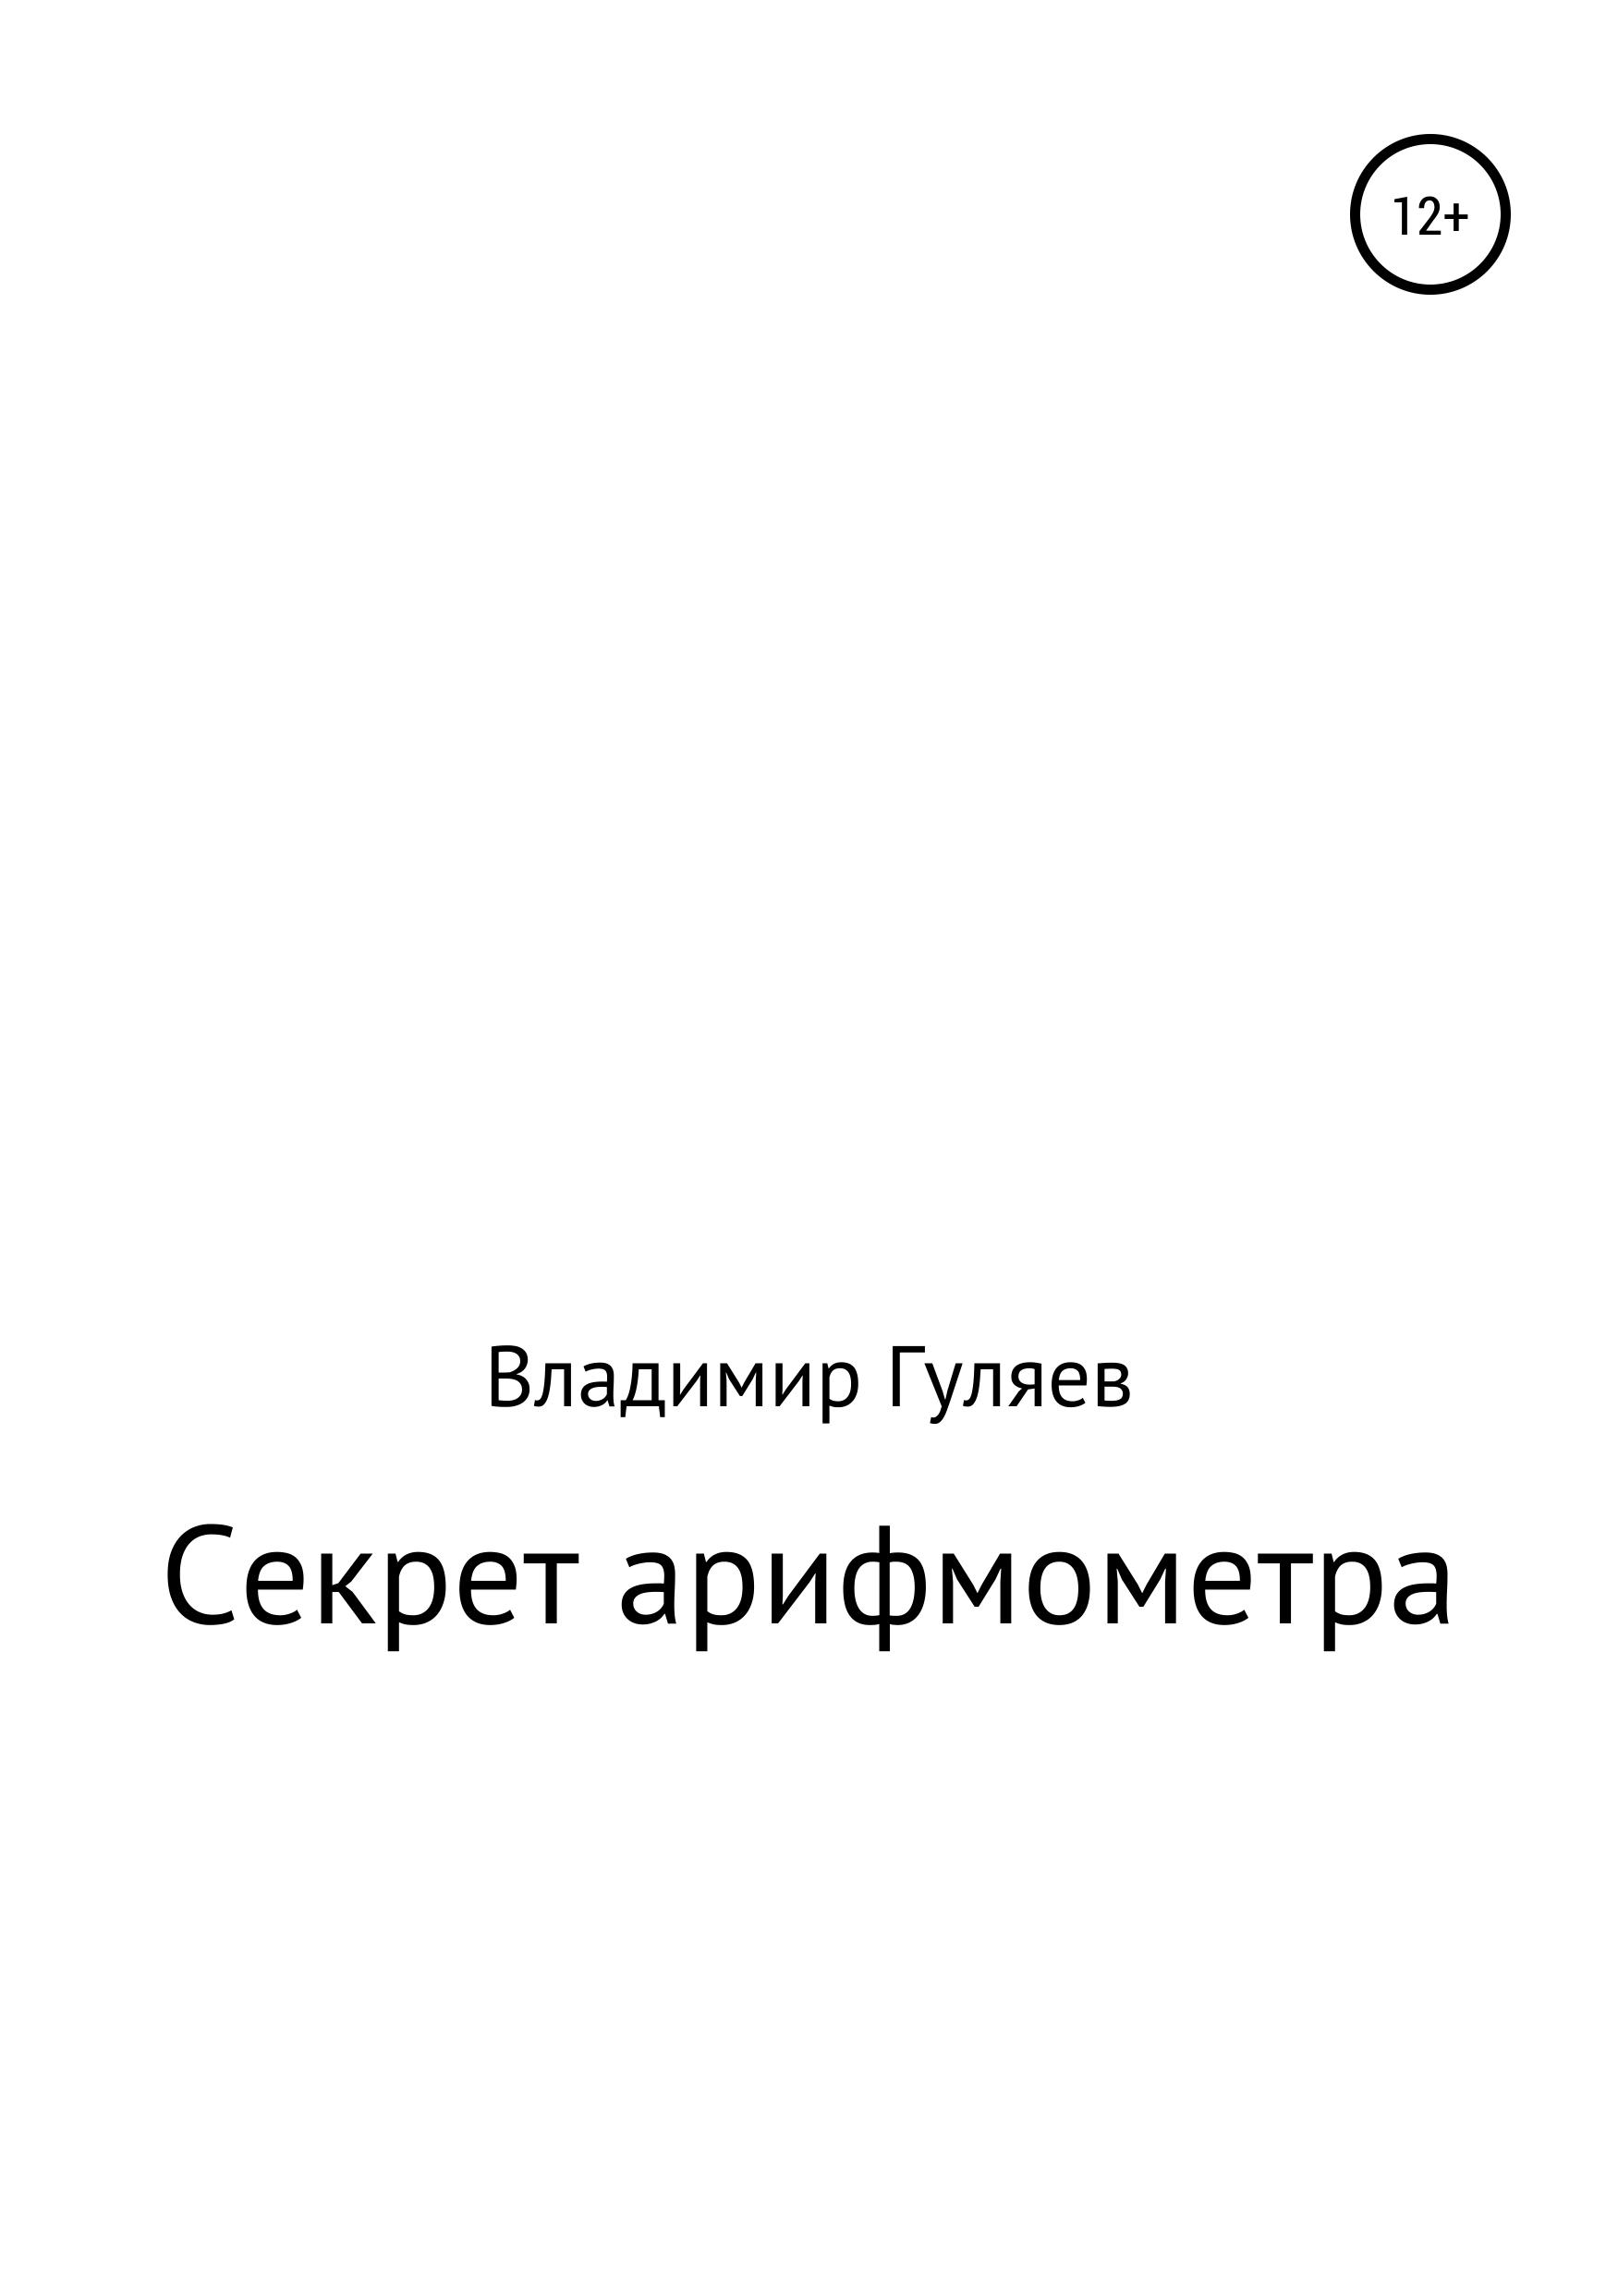 Владимир Георгиевич Гуляев Секрет арифмометра «Феликс». Рассказ с элементами фантастики